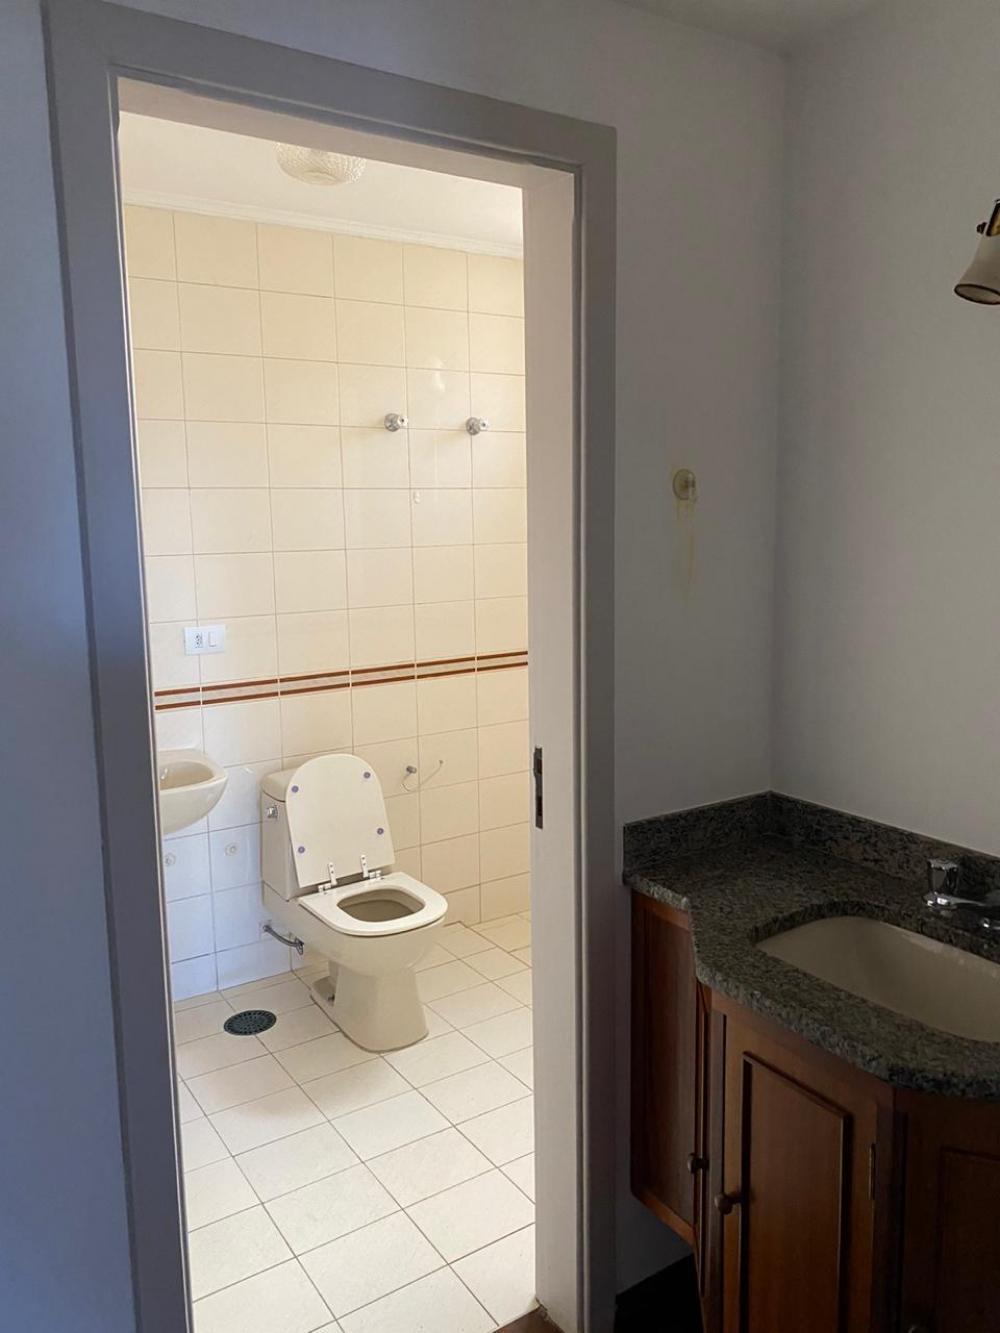 Apartamento em localização privilegiada no centro. Medindo 114,80m² de área útil. Com sala para 3 ambientes, varanda, 2 dormitórios completos, sendo uma suíte com sacada, cozinha modulada, banheiro social completo, lavanderia com banheiro e quarto de empregada com armários, 1 vaga. Localização privilegiada. Aceita financiamento e FGTS.